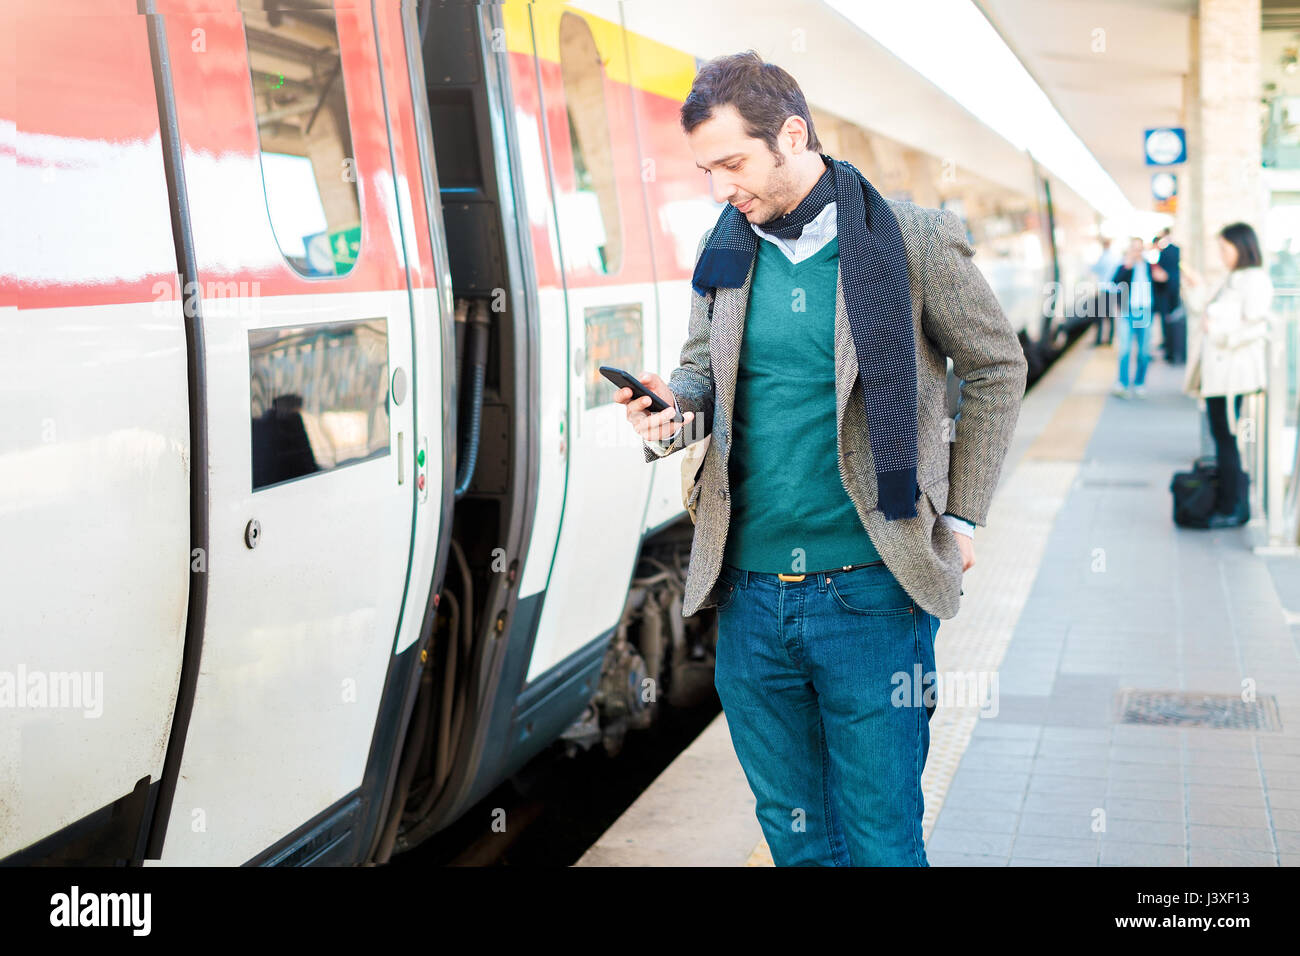 Homme debout attendant le train dans une gare platform Photo Stock